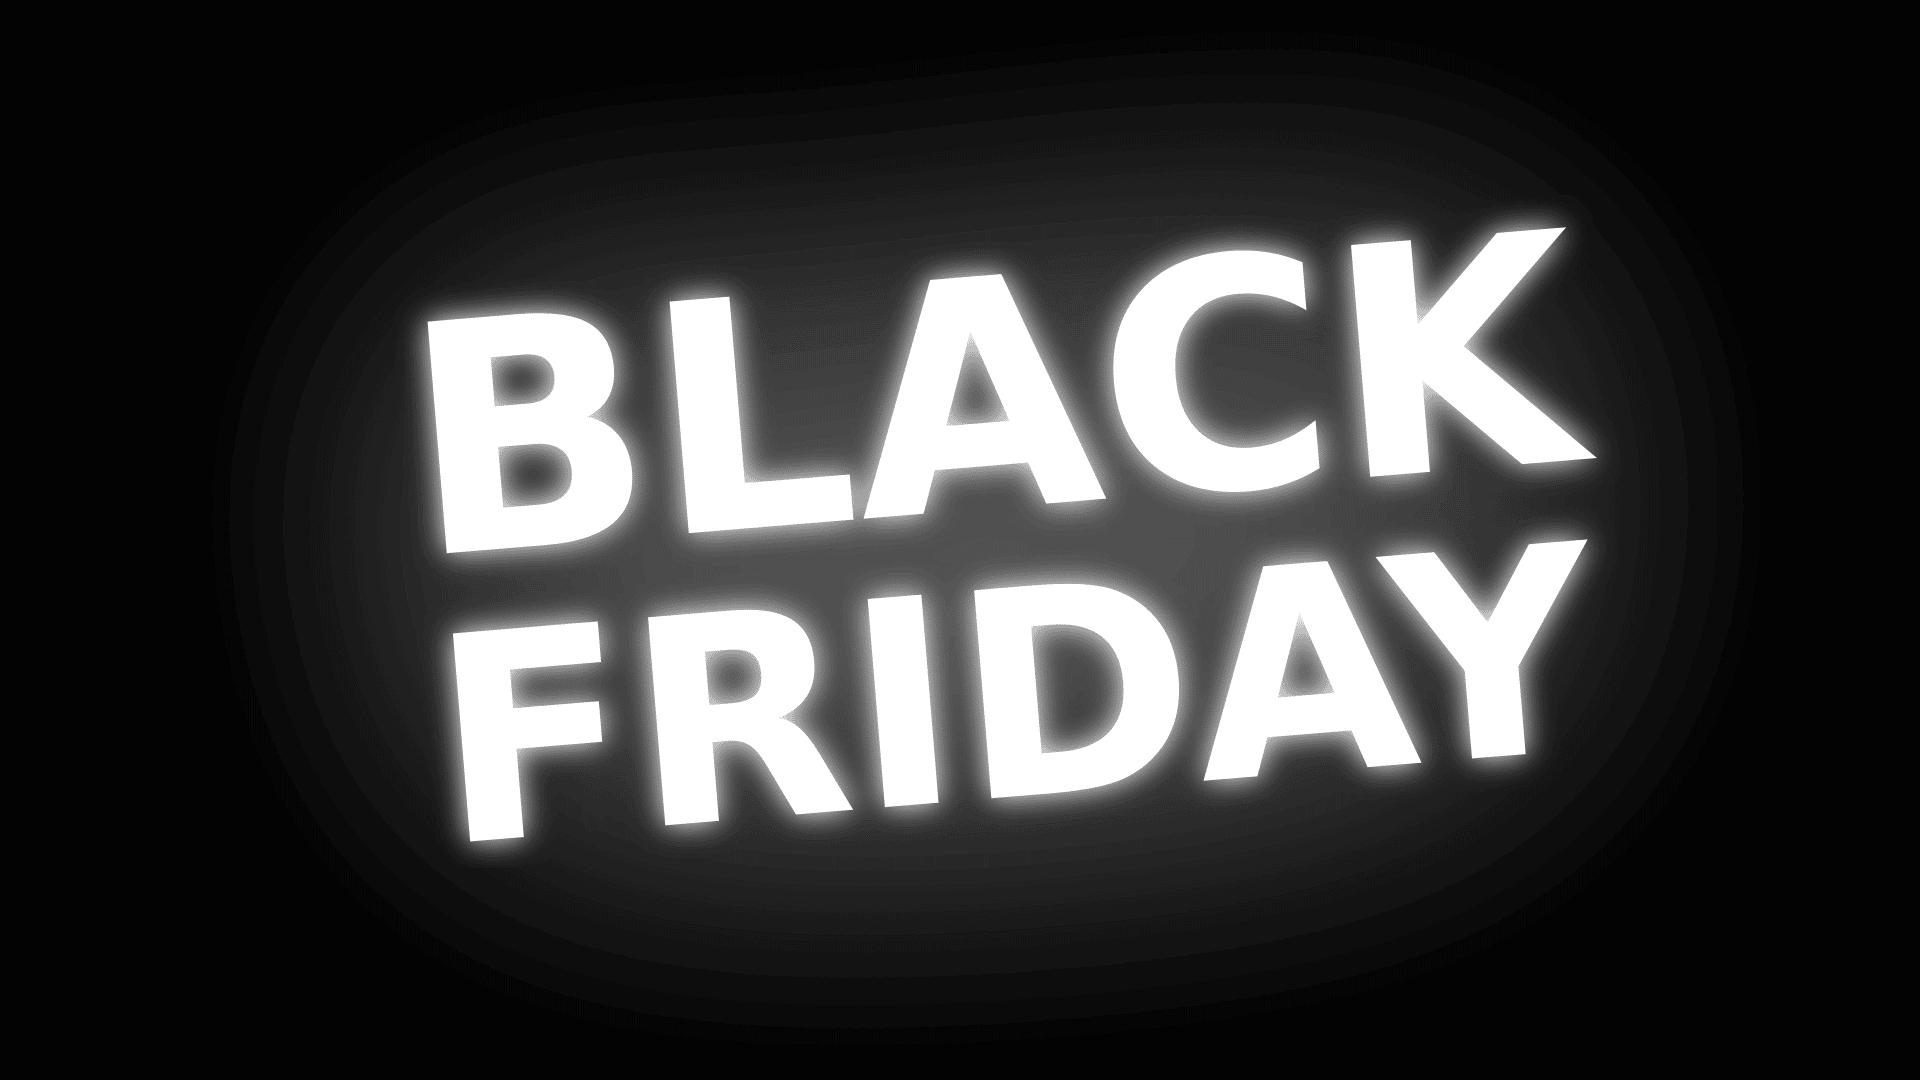 Der Black Friday kommt – und die ersten Angebote sind schon online